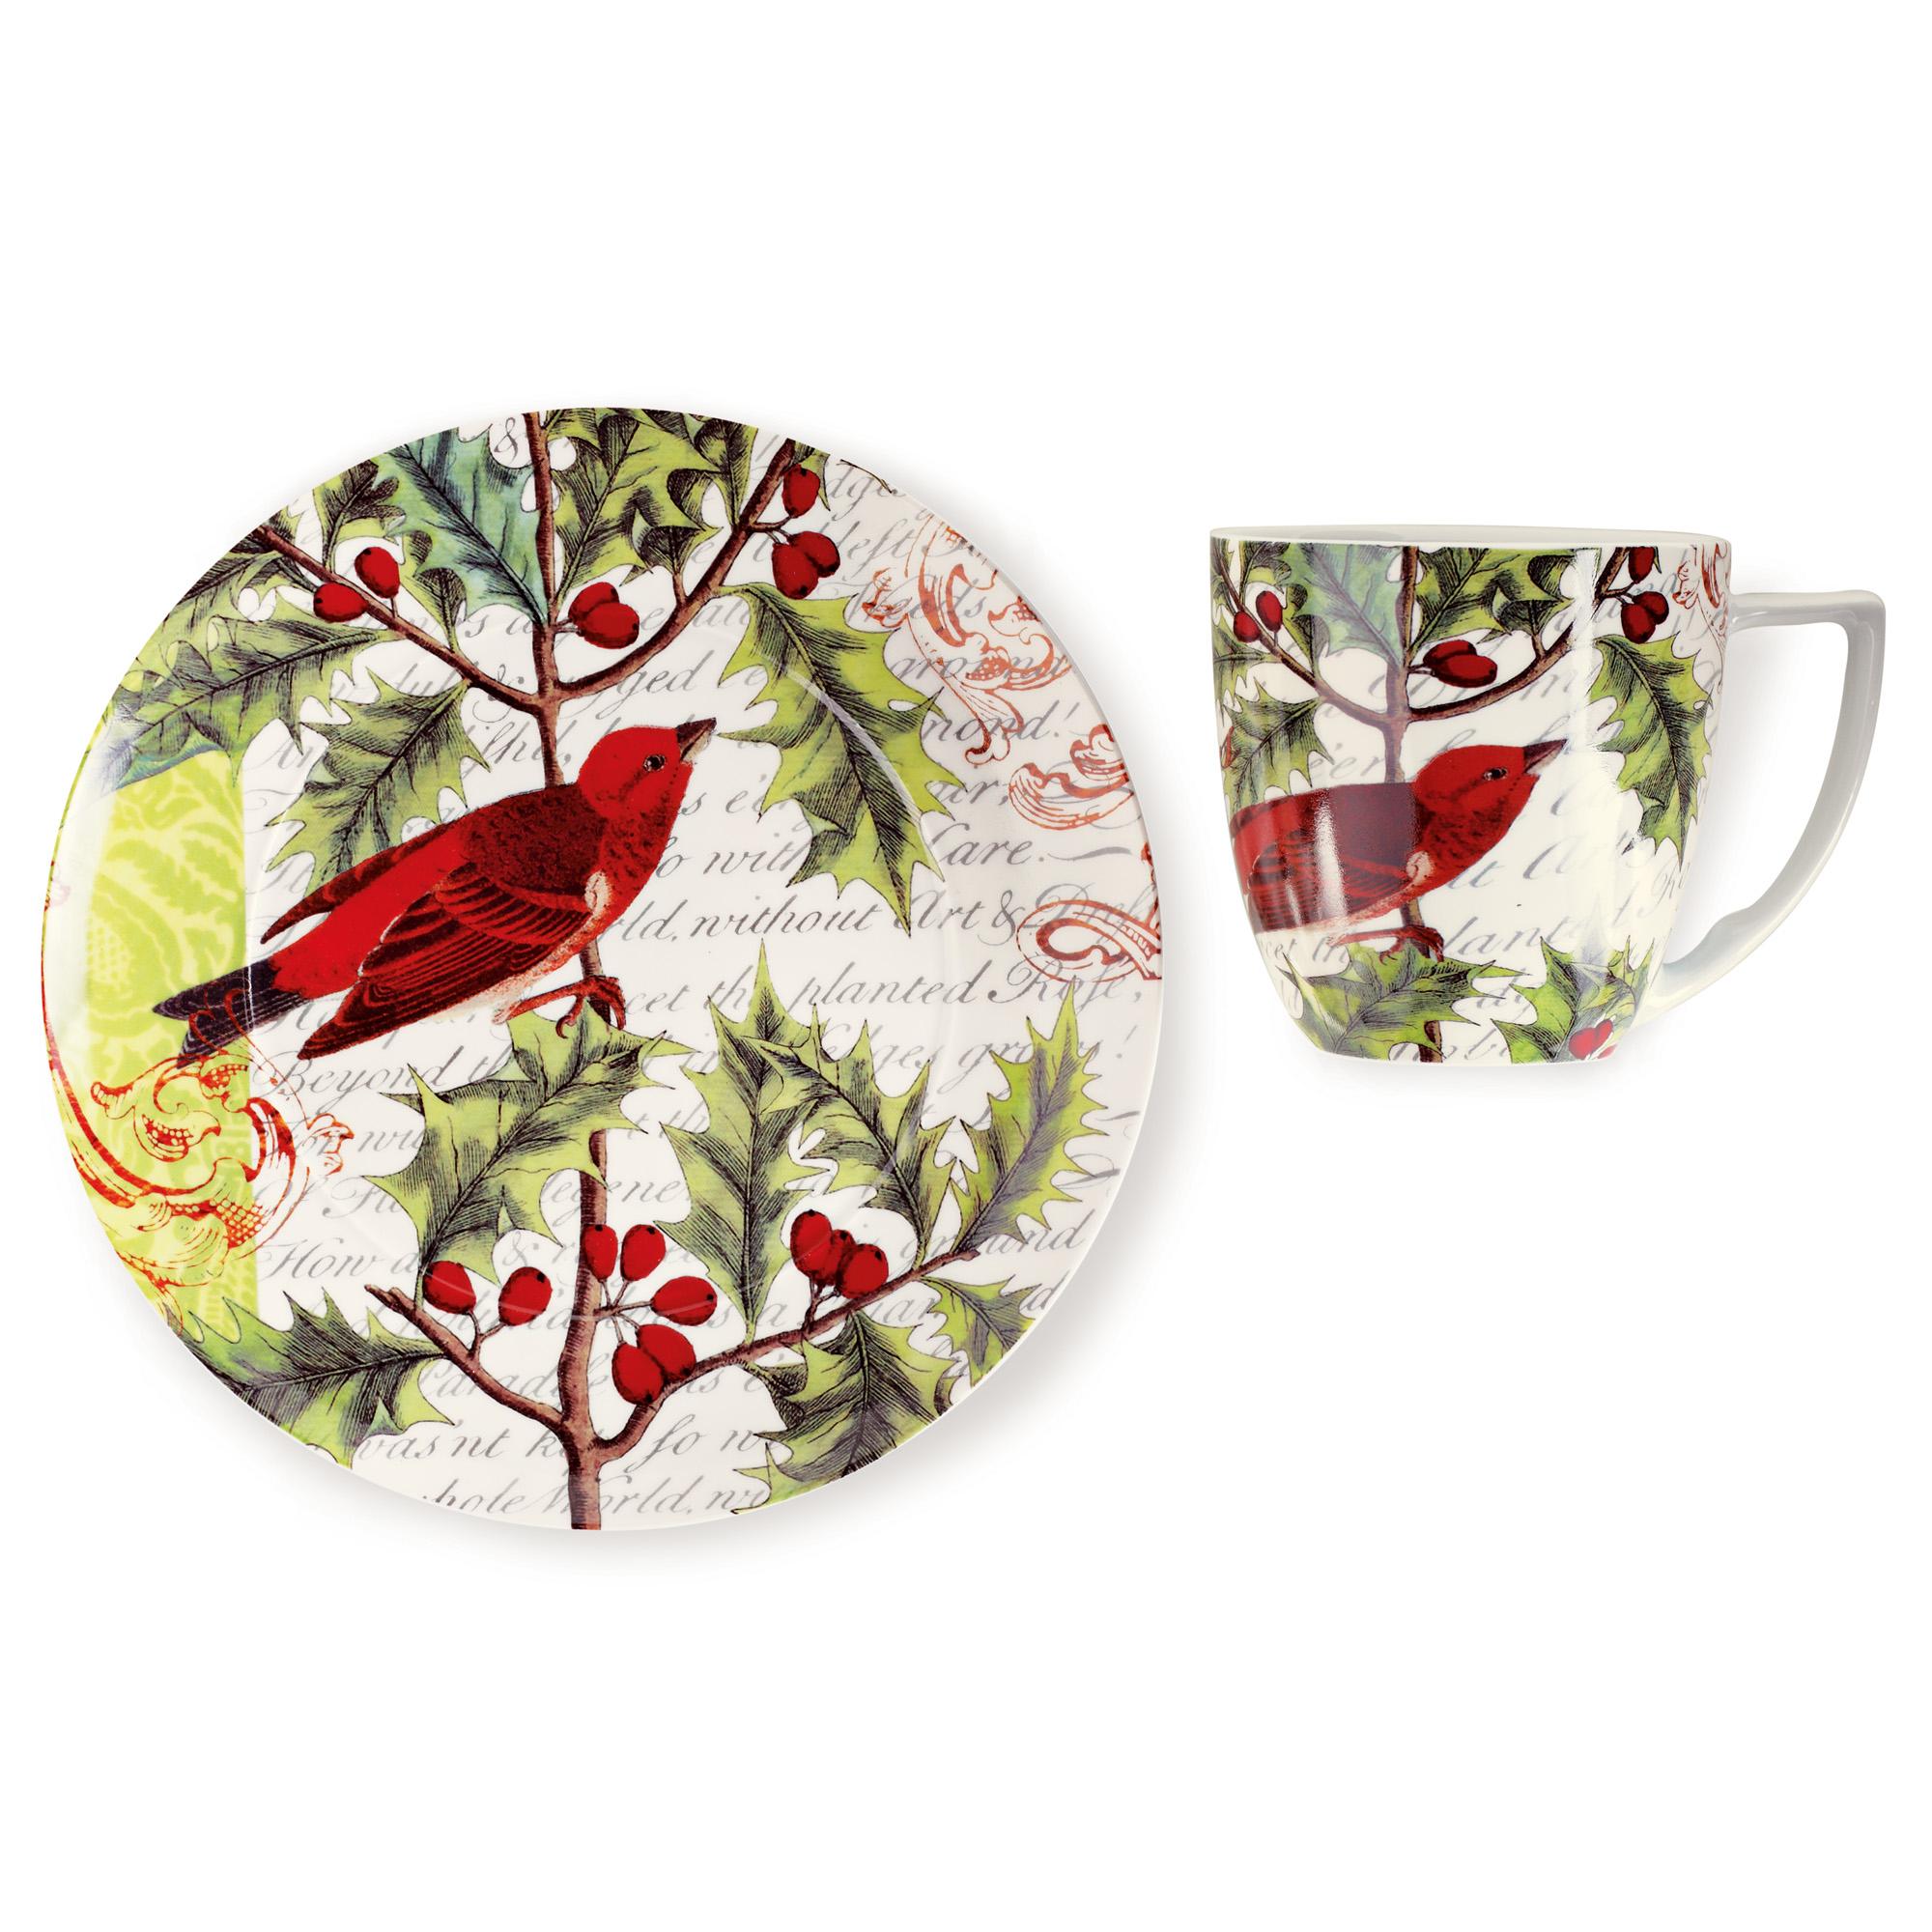 sc 1 st  Gumpu0027s & Red Bird Plates u0026 Mugs | Gumpu0027s